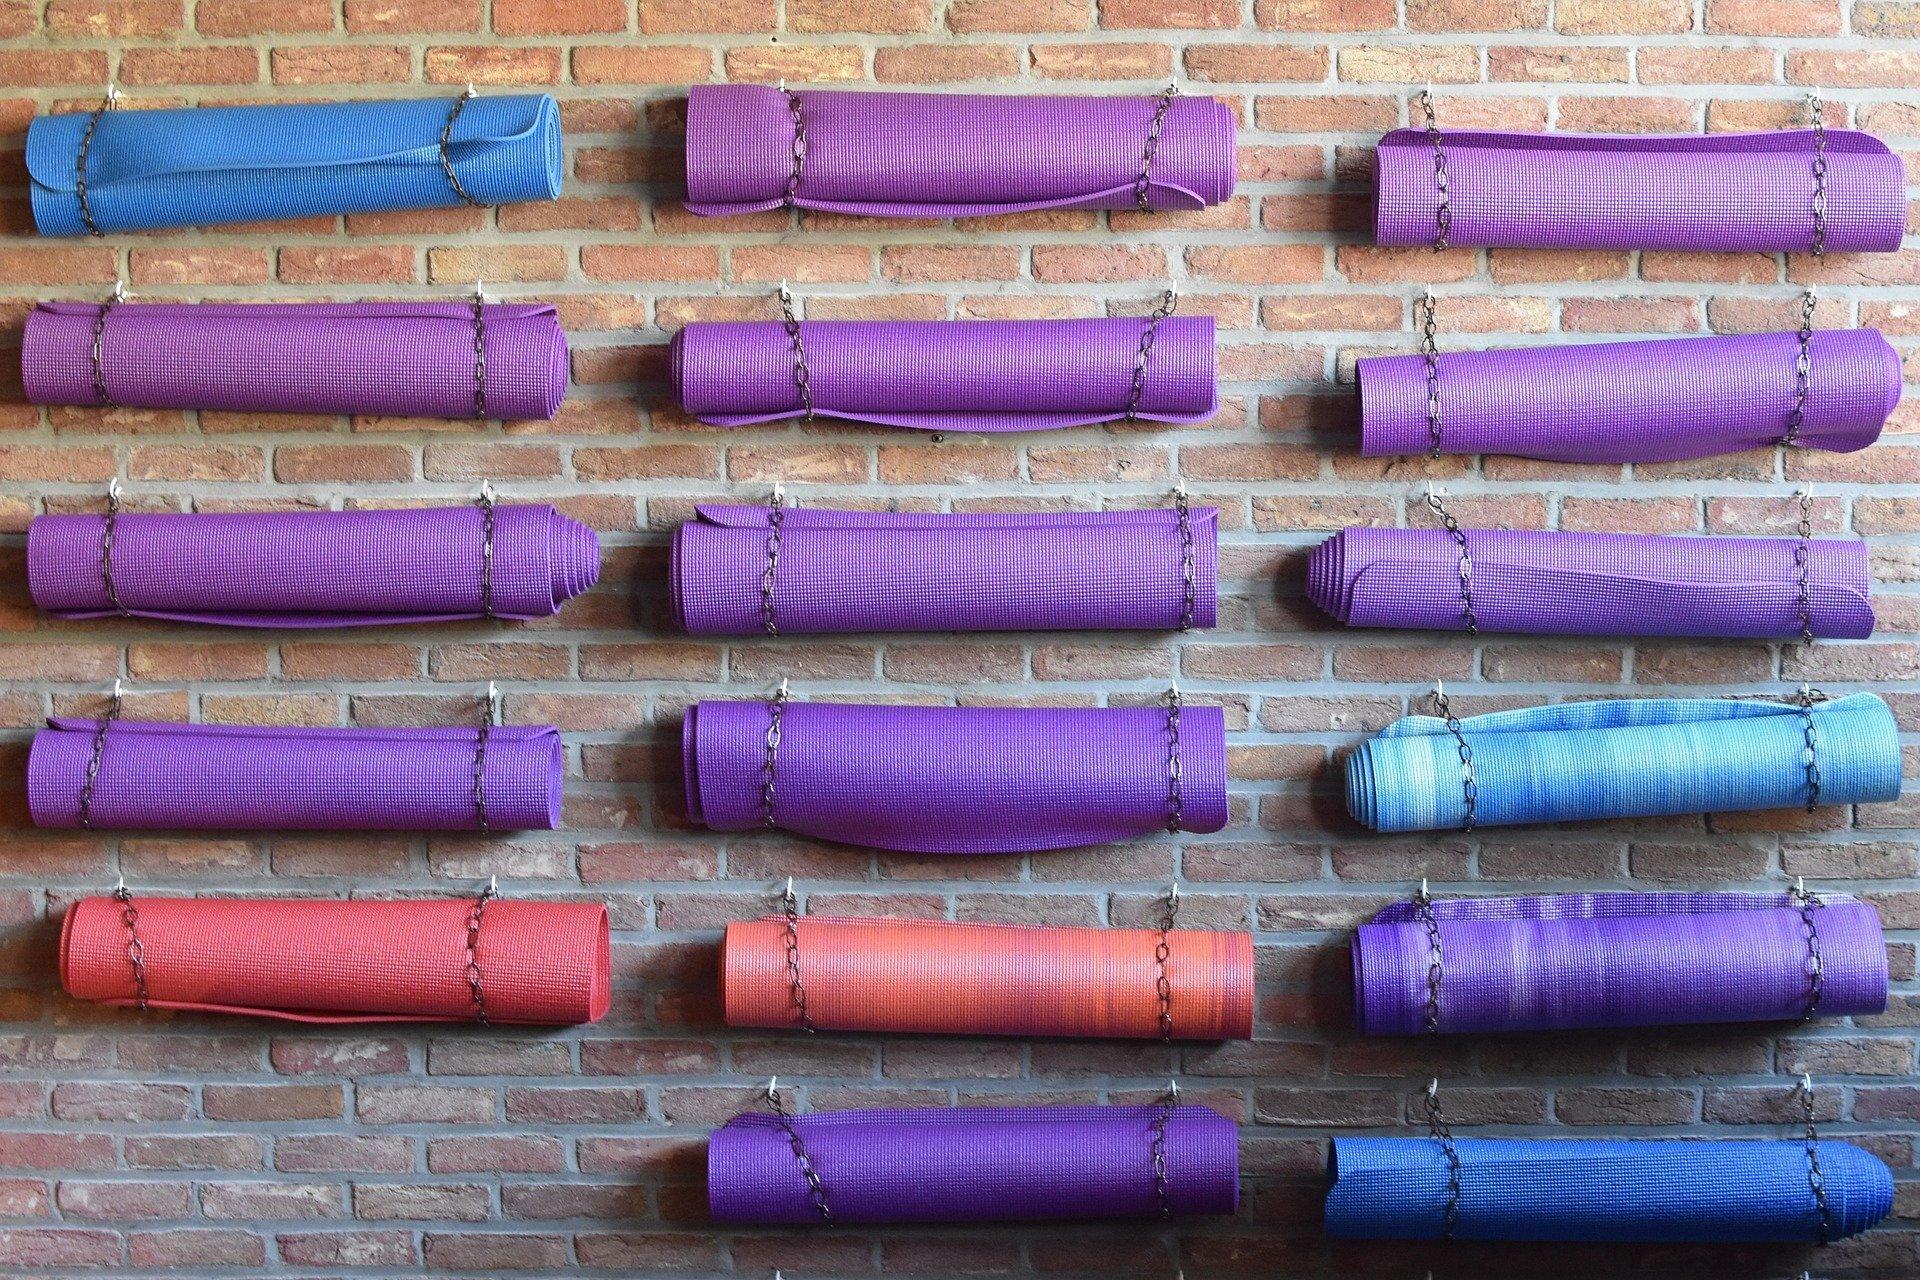 Eine Auswahl an Yogamatten